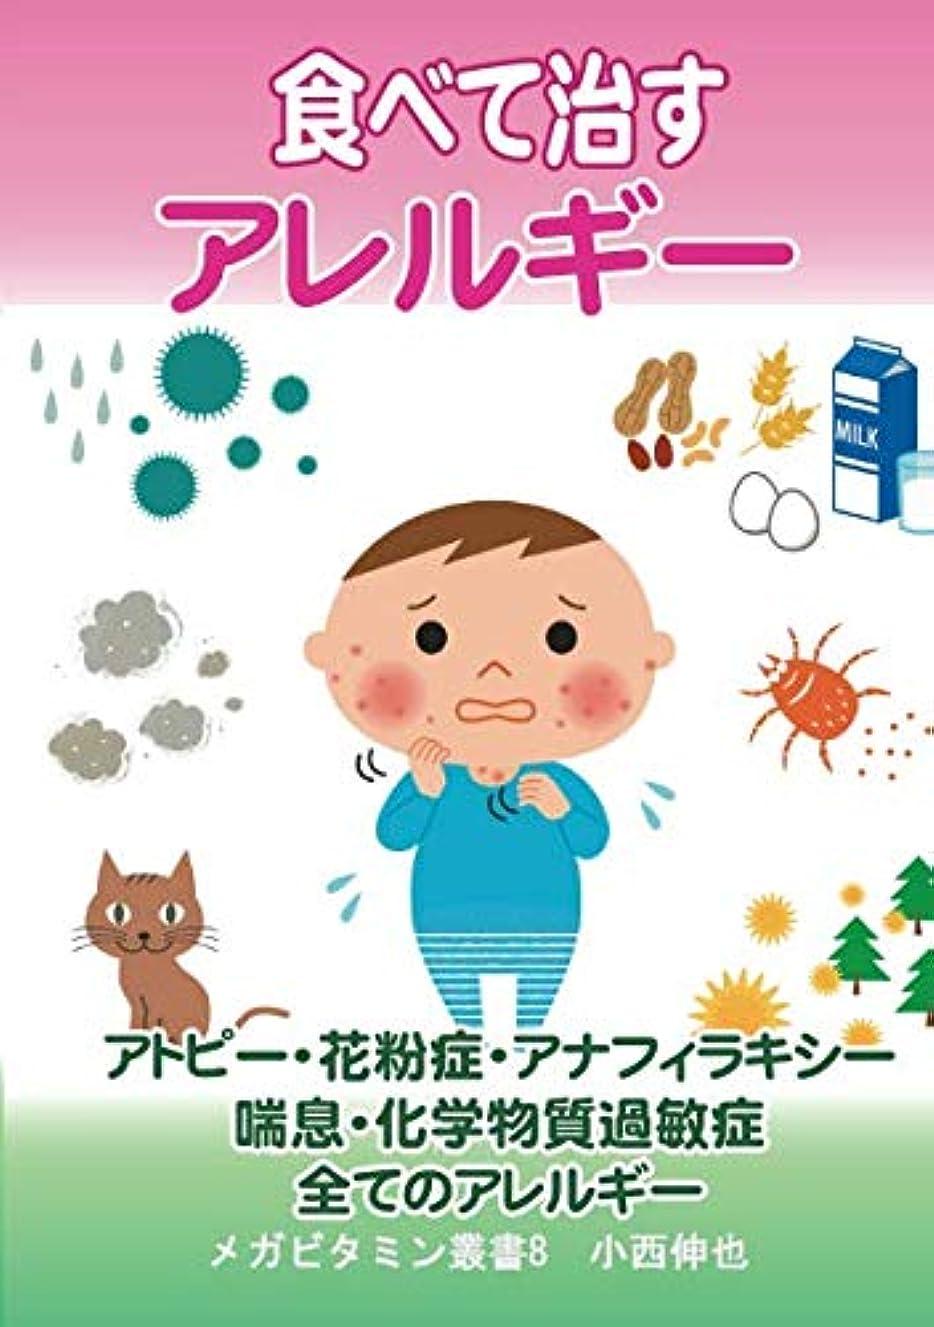 流行している代表ベックス食べて治すアレルギー アトピー?花粉症?アナフィラキシー 喘息?化学物質過敏症?全てのアレルギー